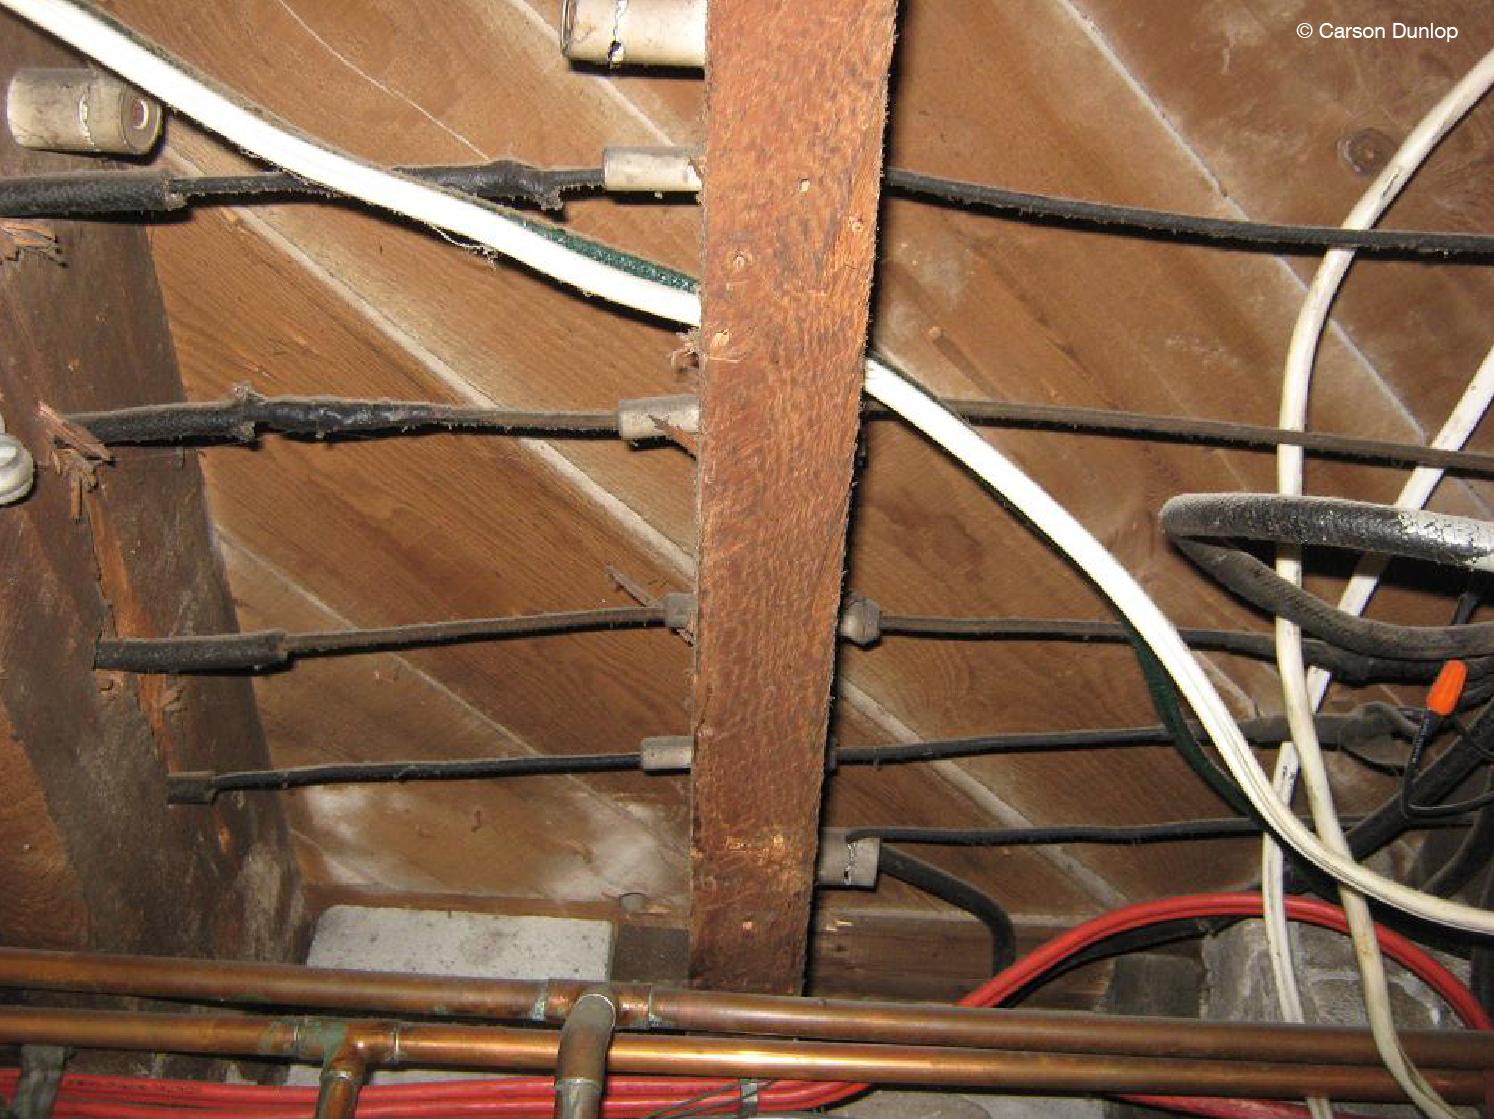 Ziemlich Old House Wiring Types Ideen - Die Besten Elektrischen ...